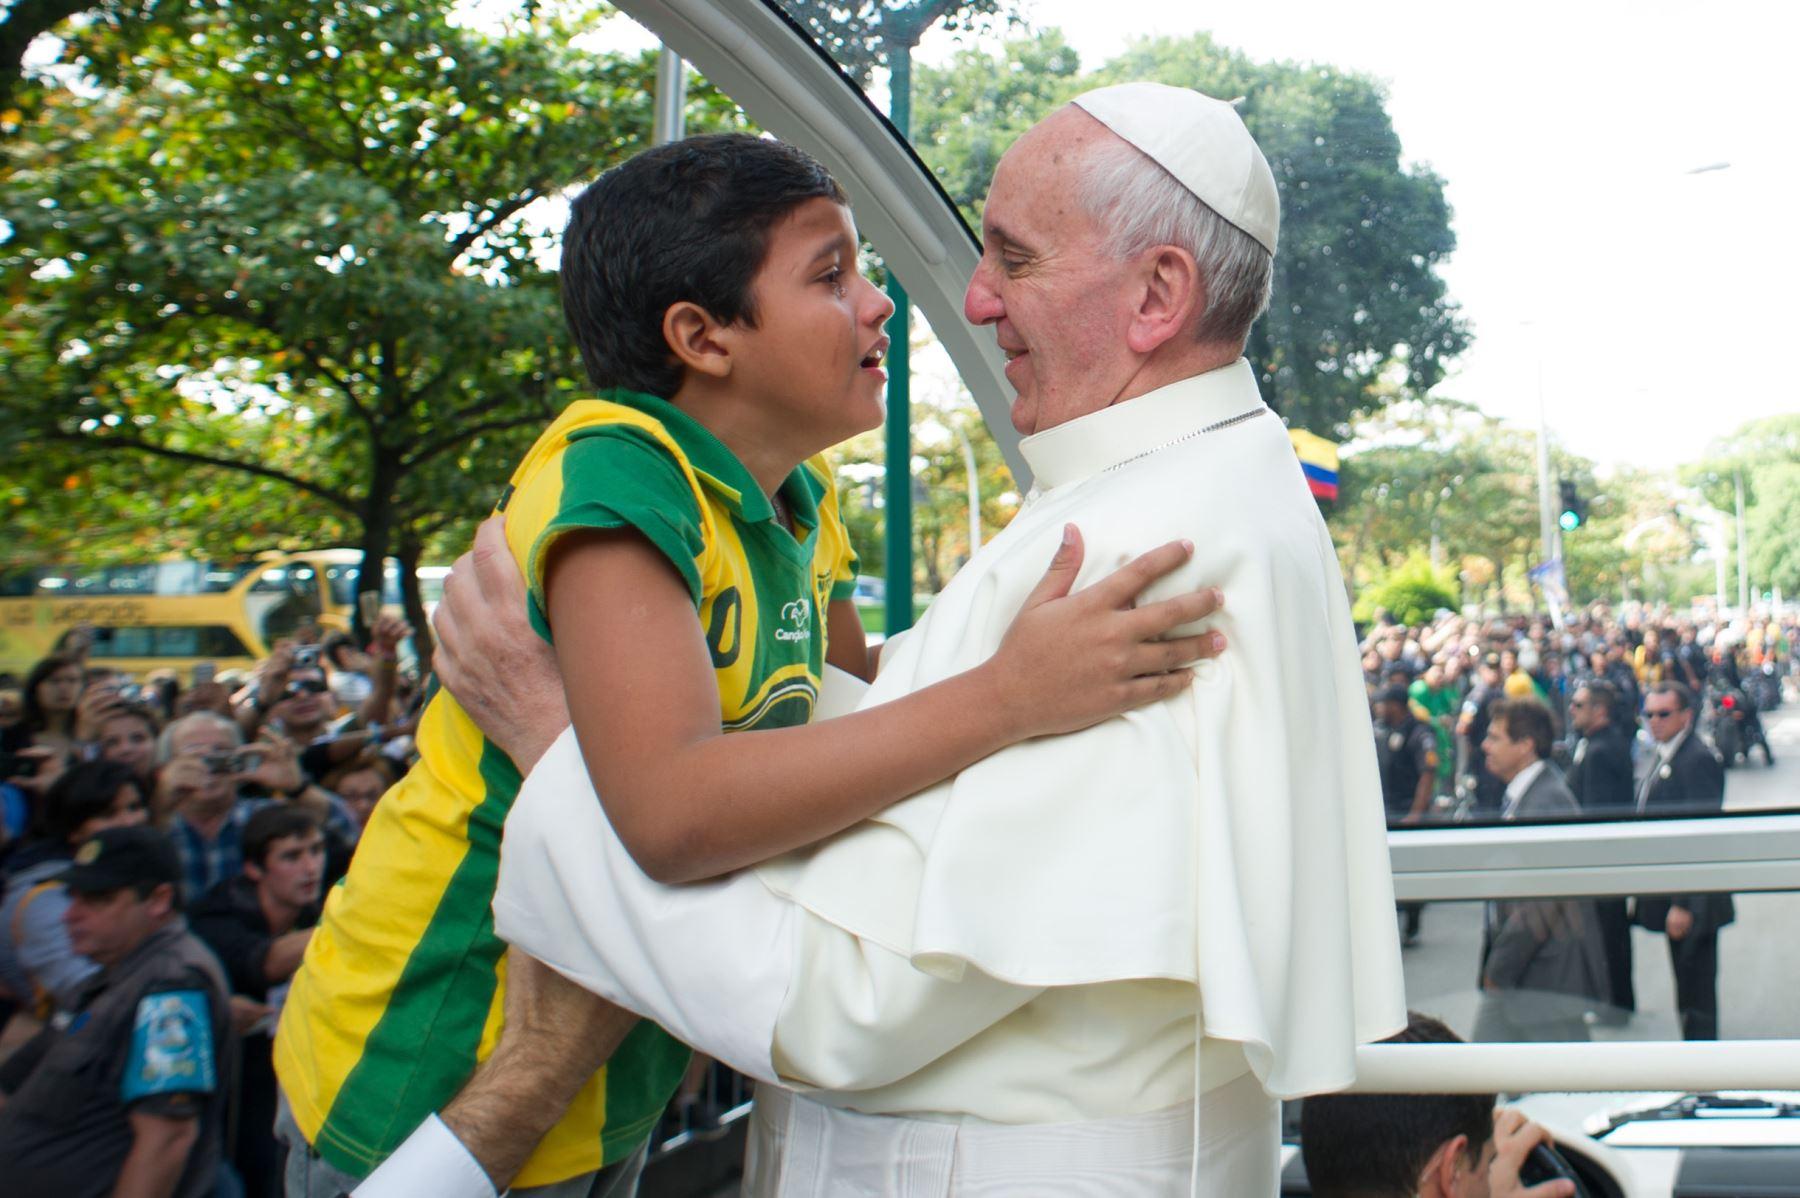 Papa Francisco saluda un niño durante su visita a Río de Janeiro. Foto: AFP